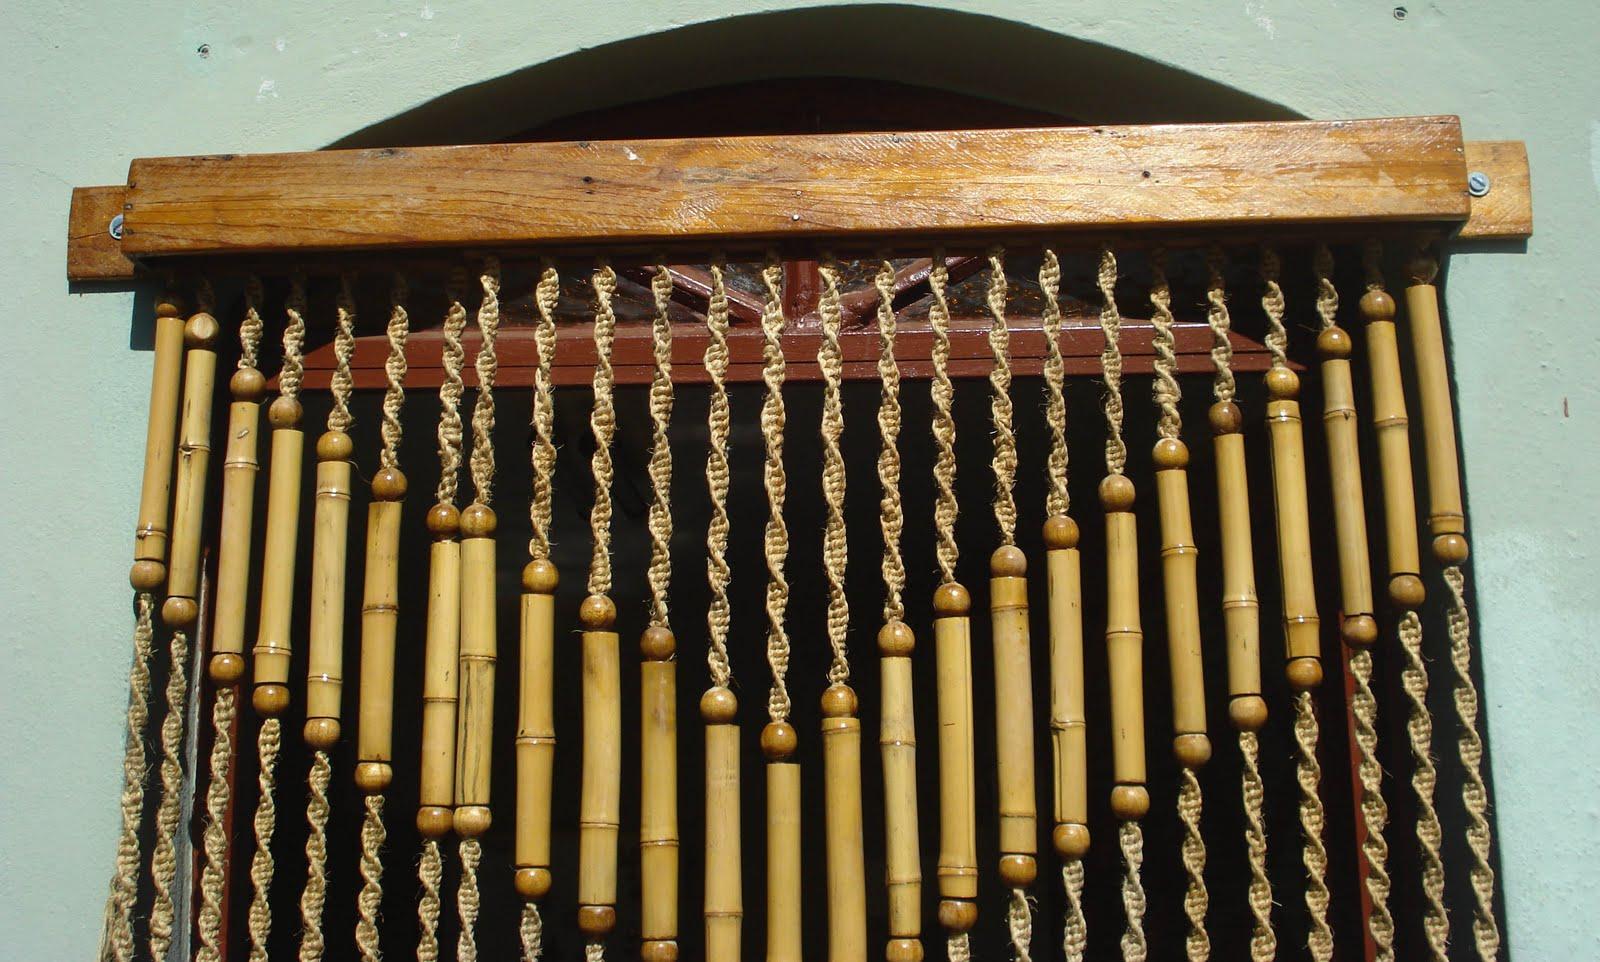 Gv artesanato cortina de bamb de correr - Cortina de bambu ...